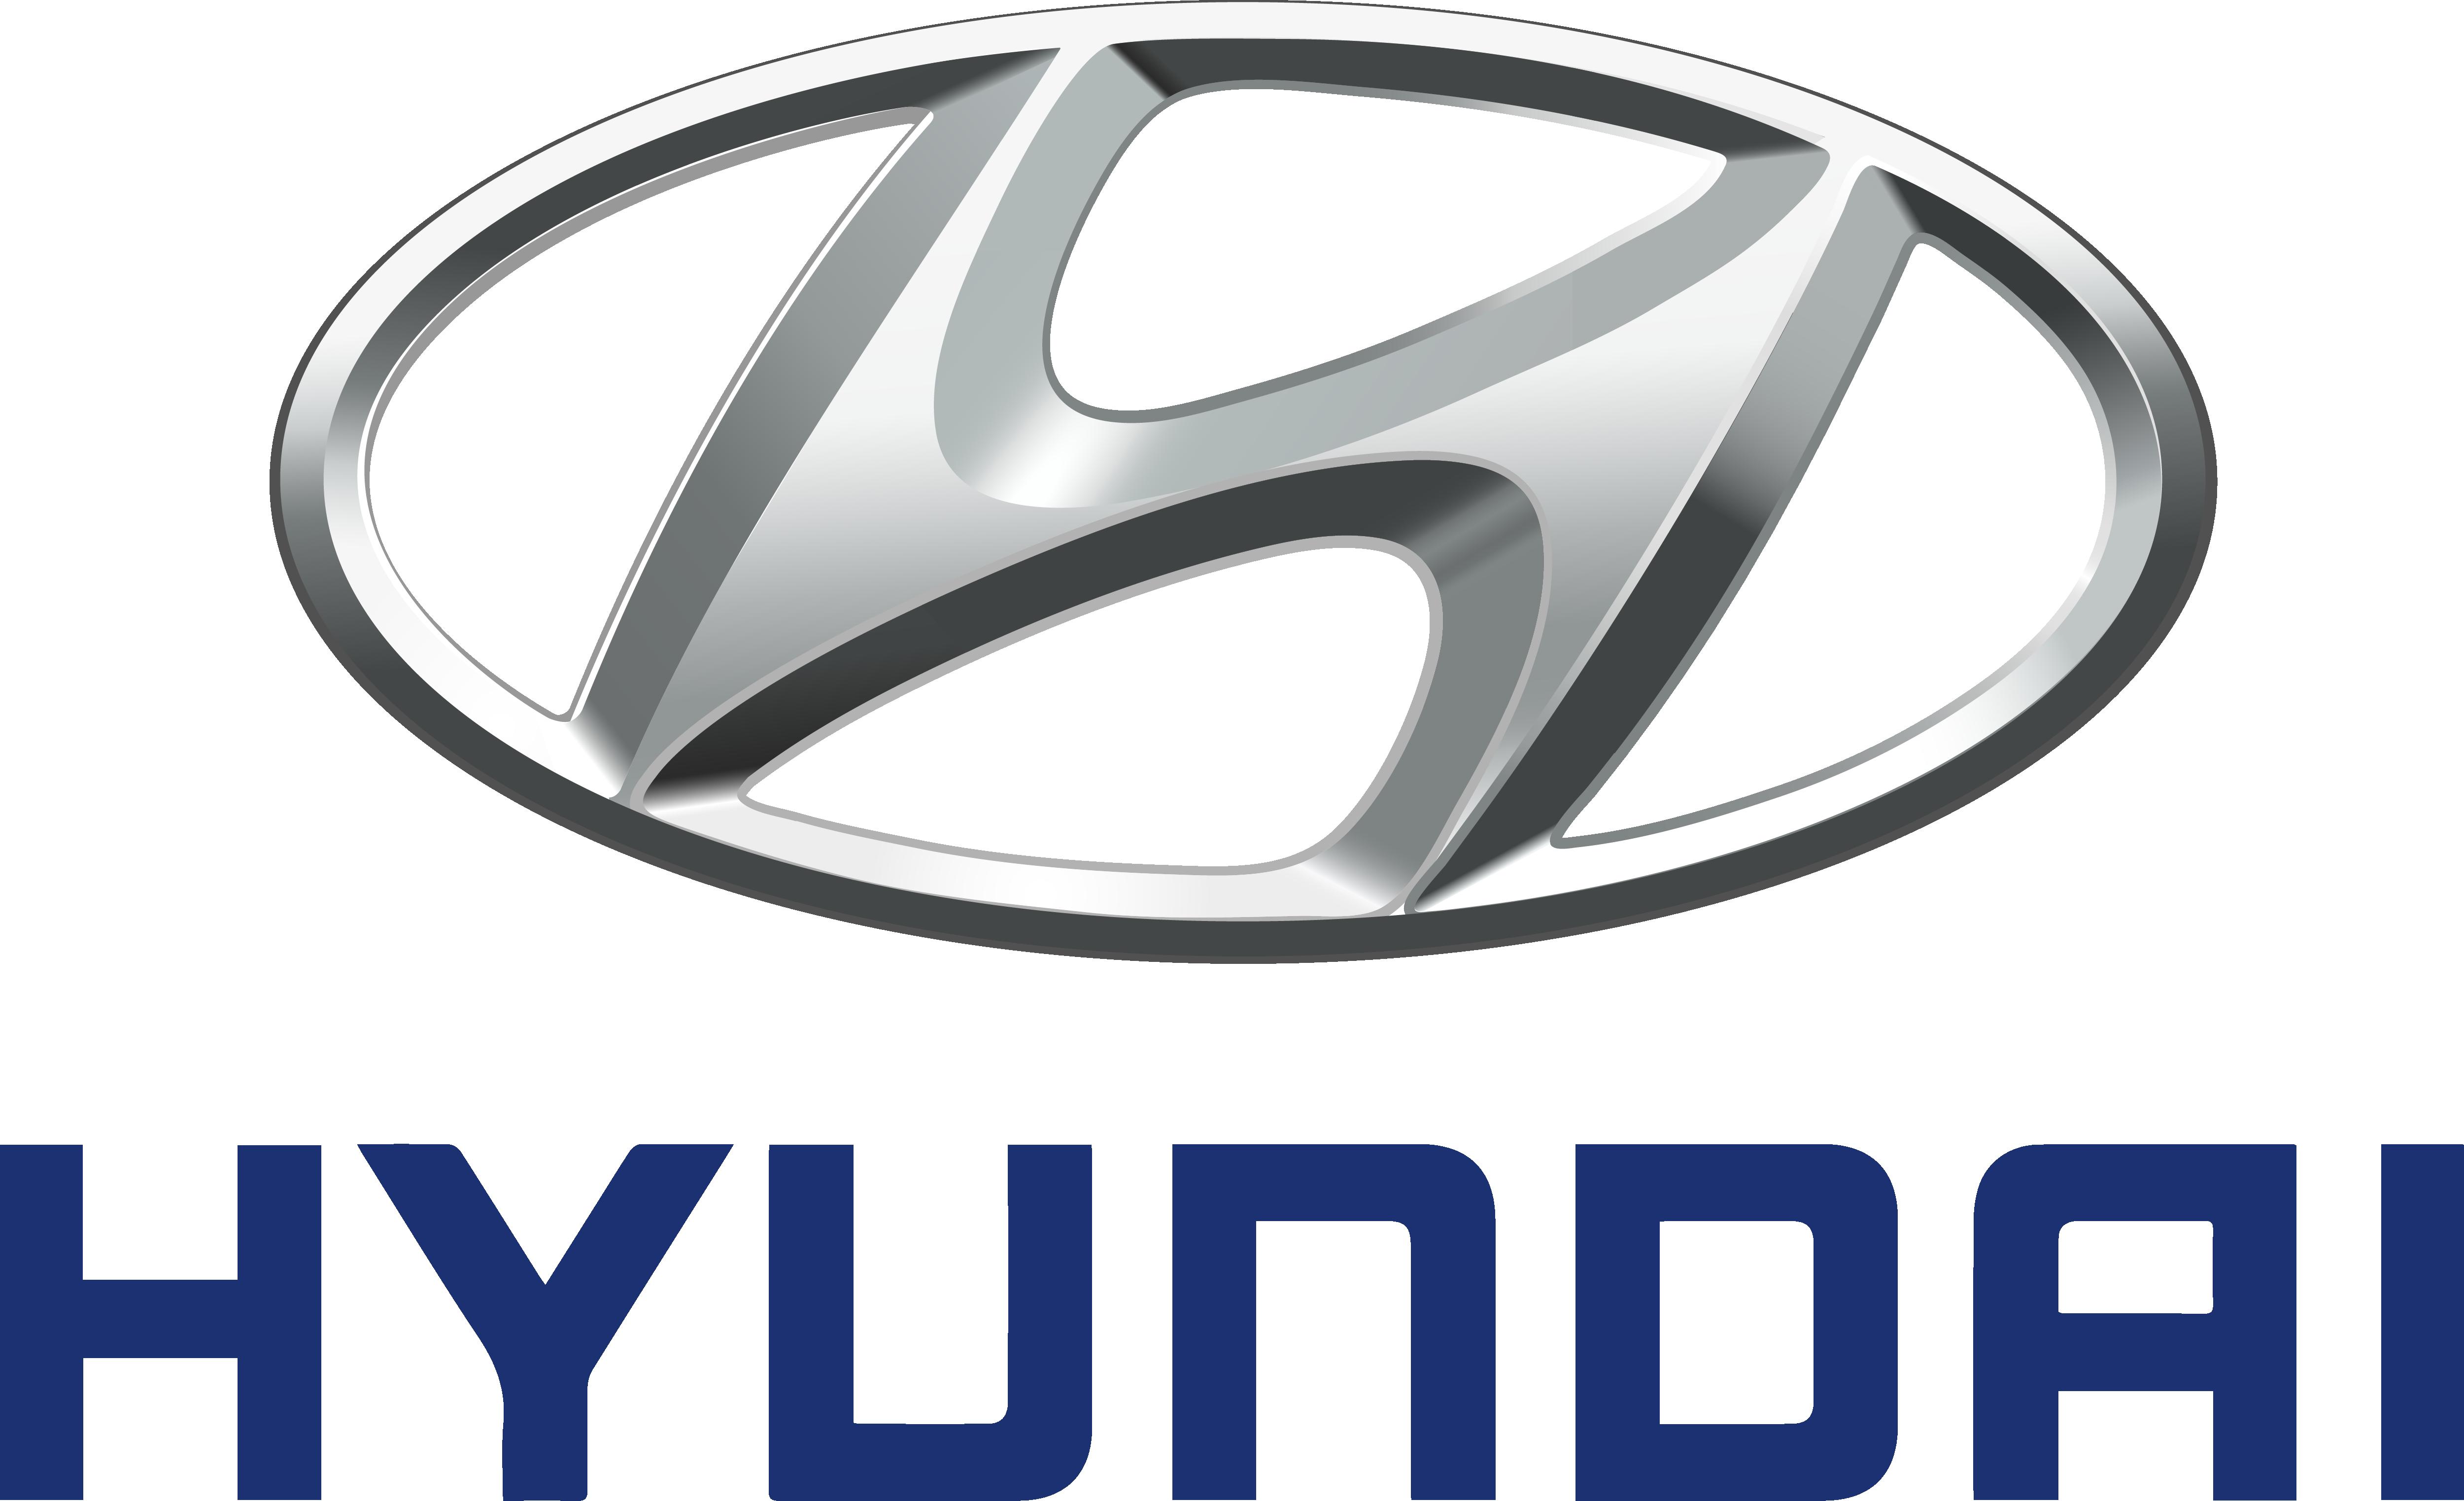 logo hyundai png gratis